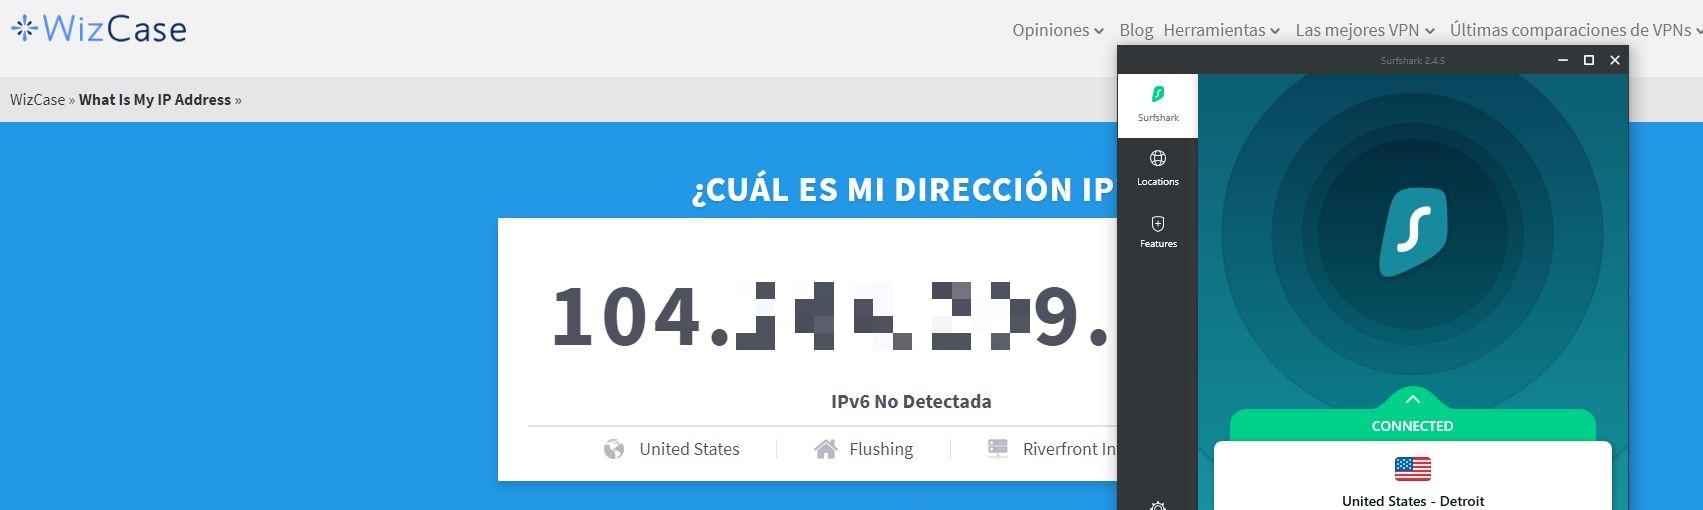 Herramienta Wizcase: ¿Cuál es mi IP?